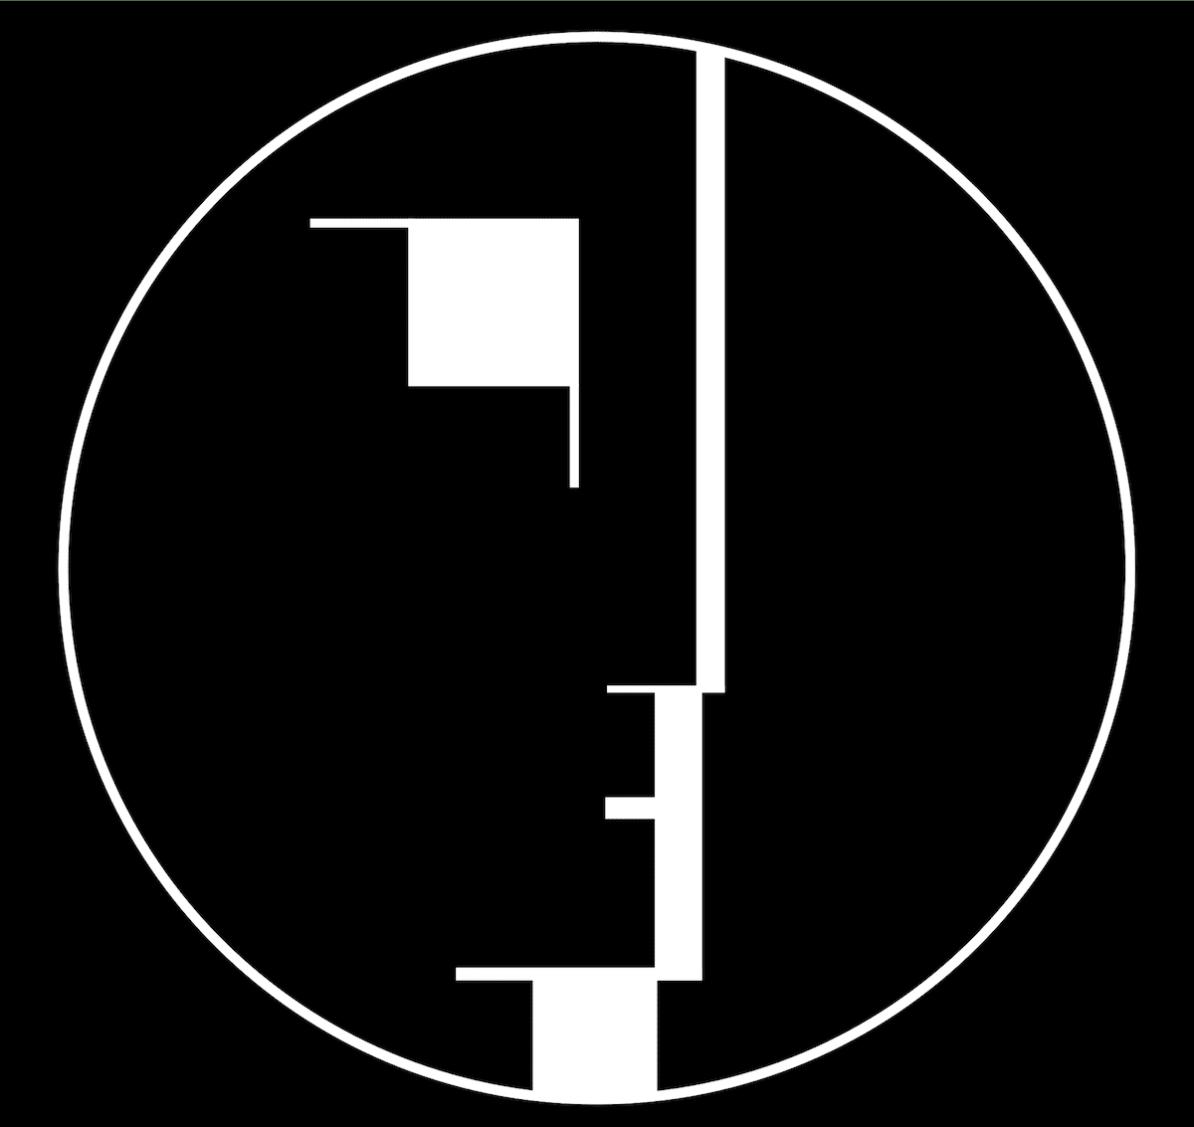 Bauhaus-Logo, 1922 von Oskar Schlemmer entworfen gemeinfrei via Wikipedia.